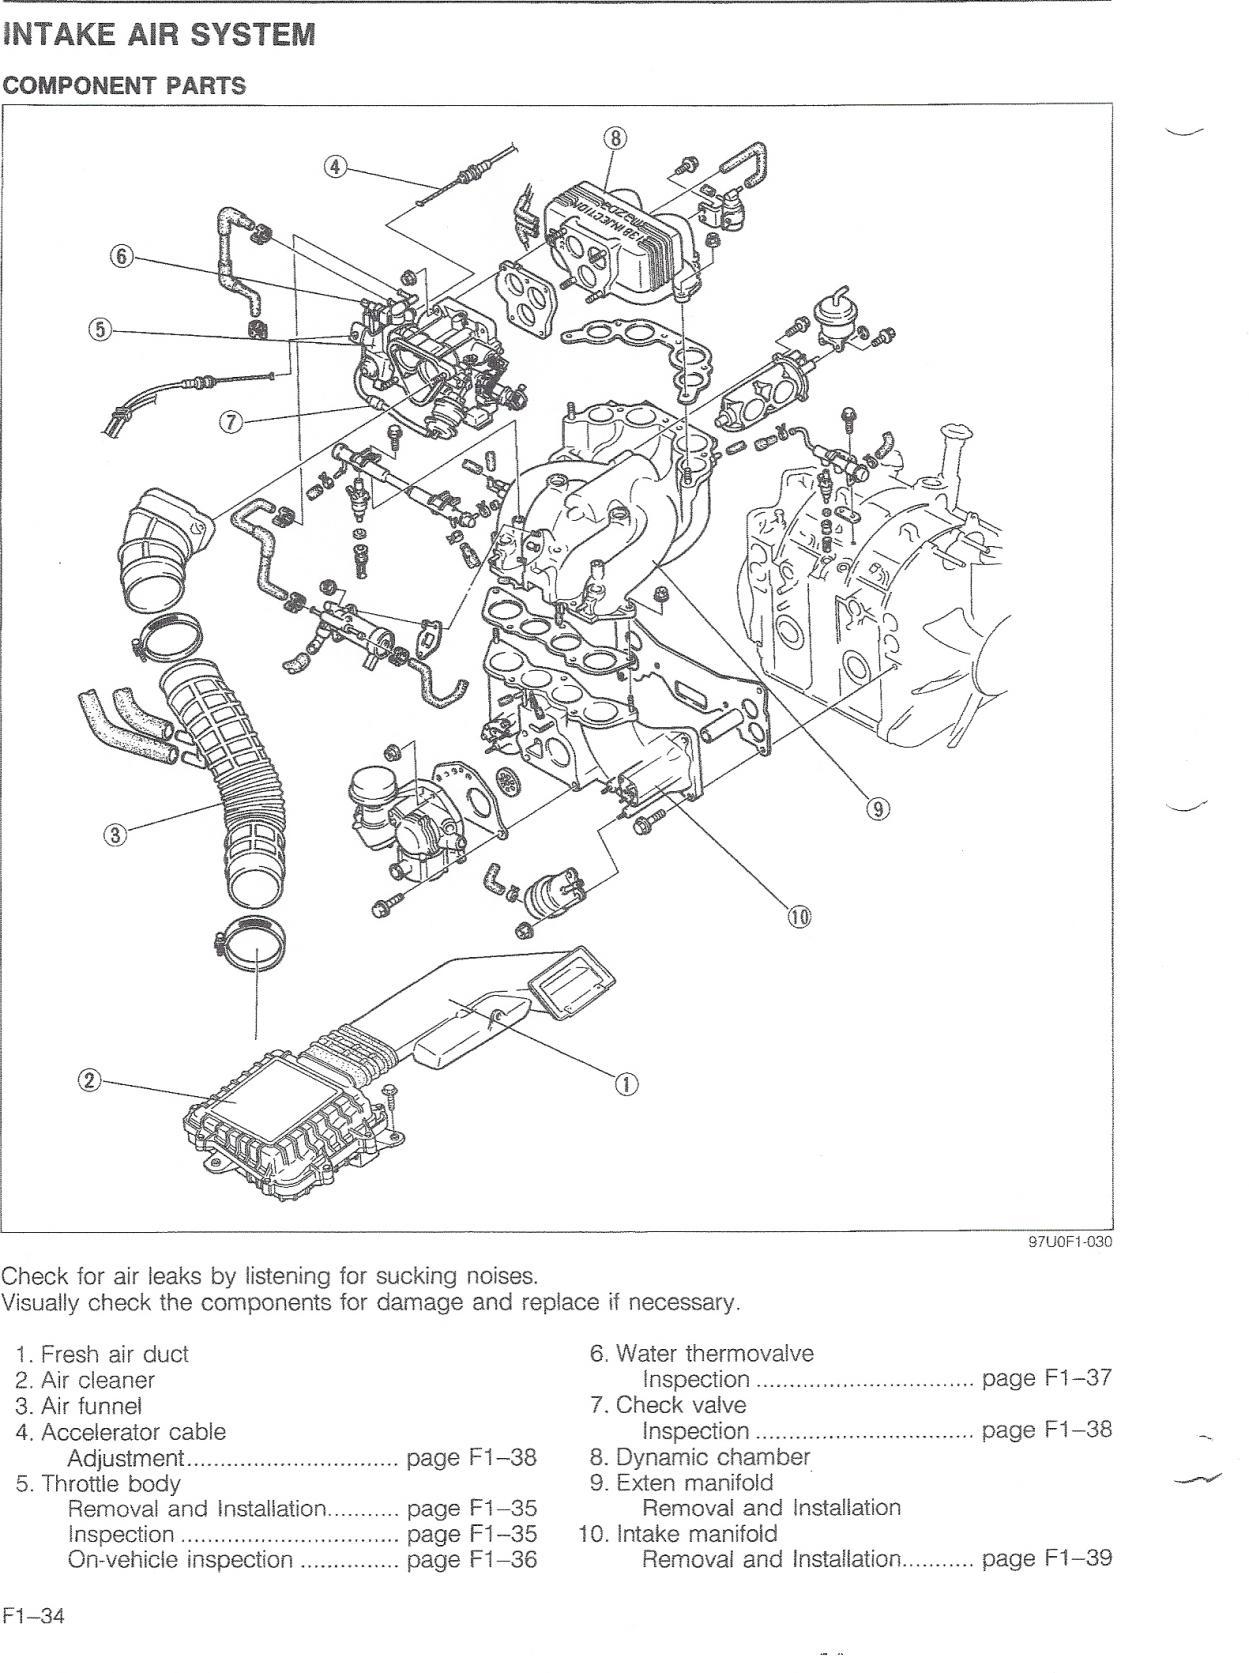 Intake Manifold Removal